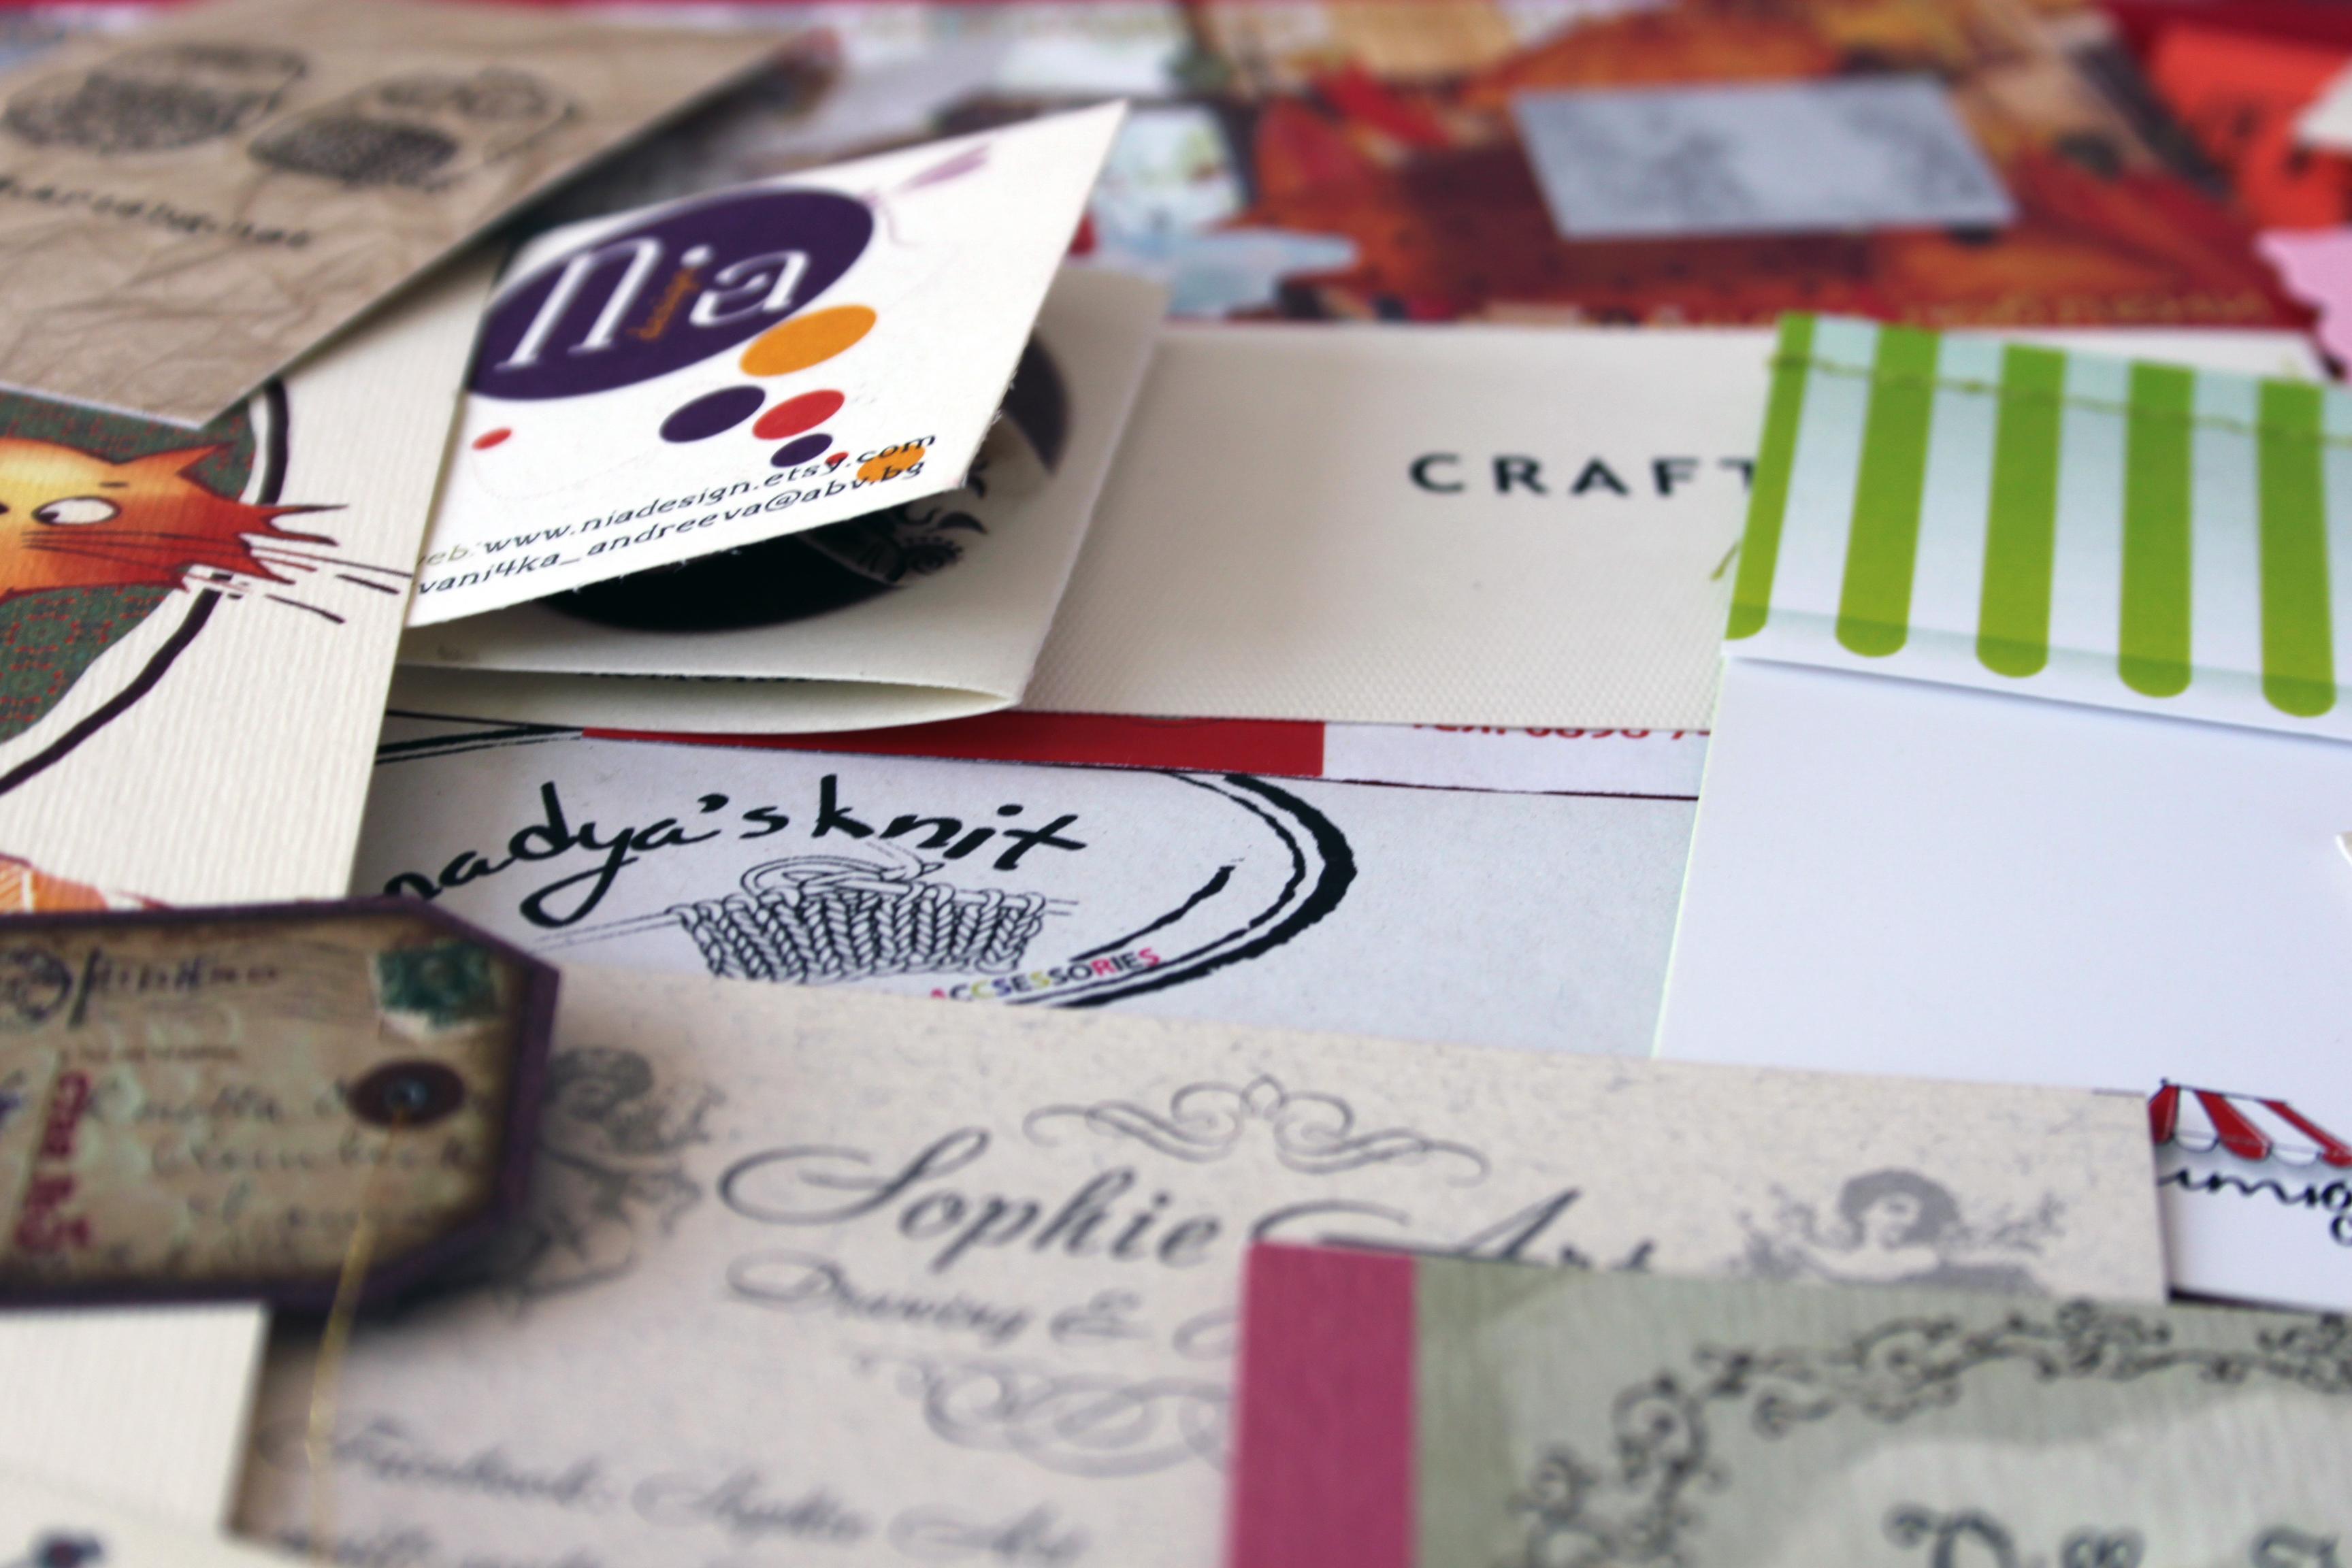 Как да изберем подходящо име за нашия творчески бизнес?